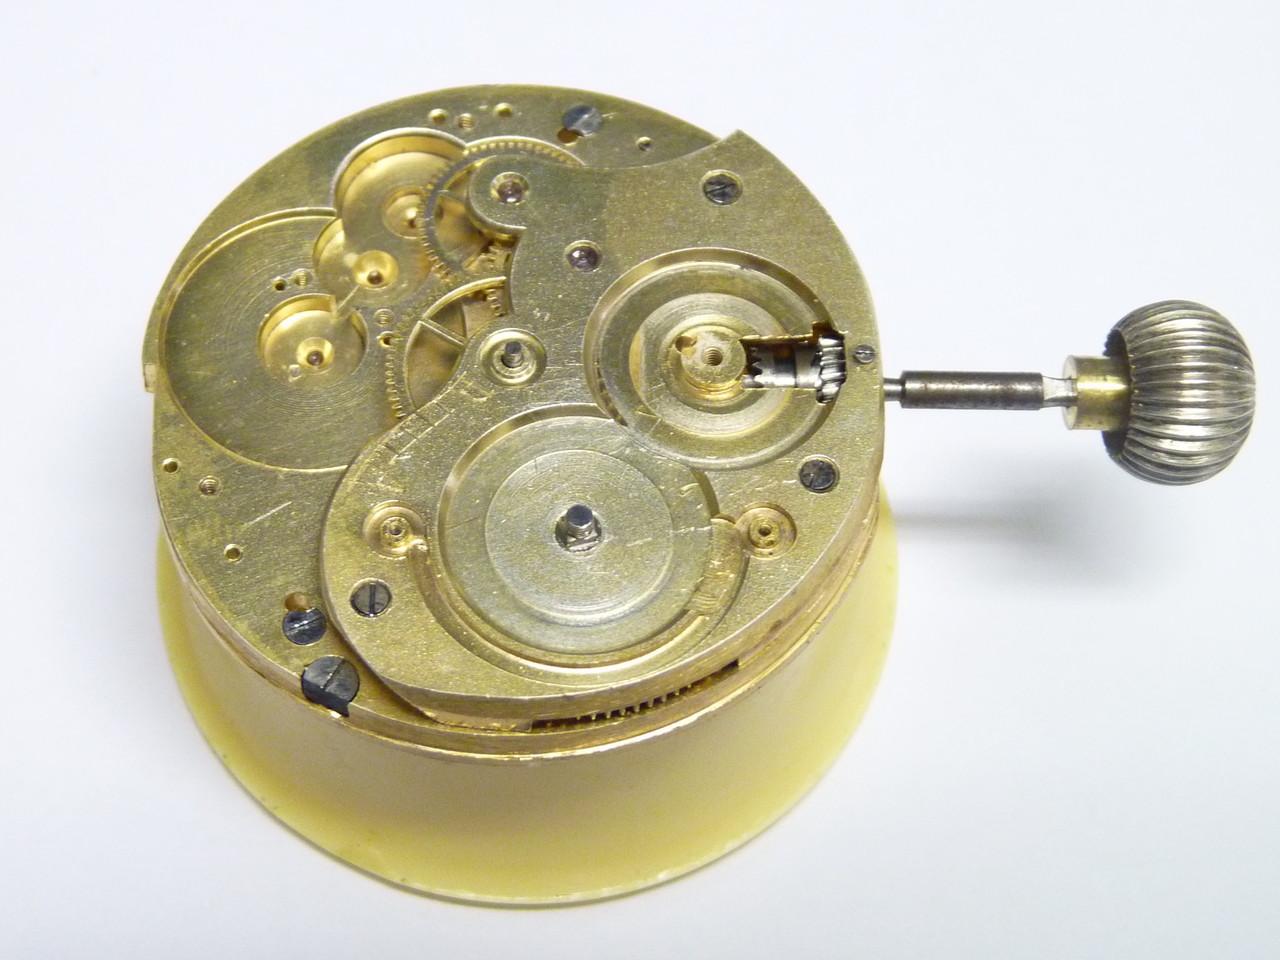 5.- Inici del muntatge-lubrificació del remontoir, roda cub i part del rodatge amb el seu pont